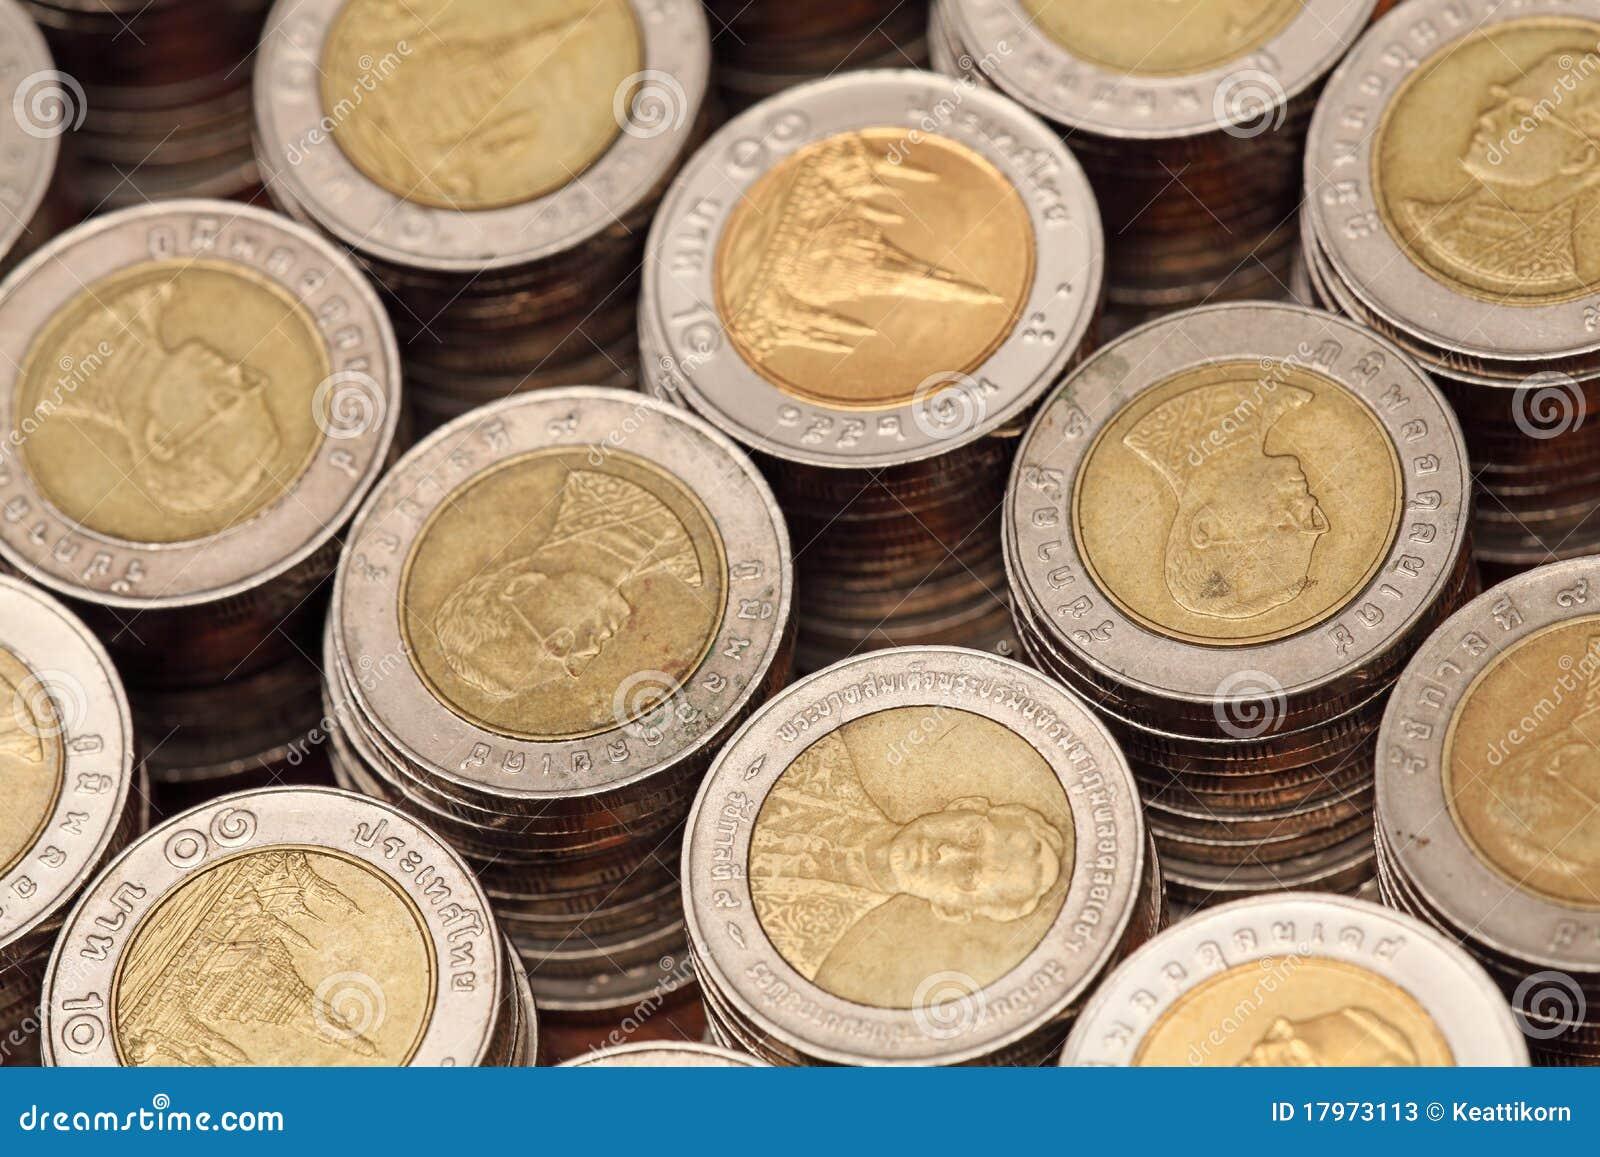 Siamesische 10 Baht Münzen Stockbild Bild Von Fremd 17973113